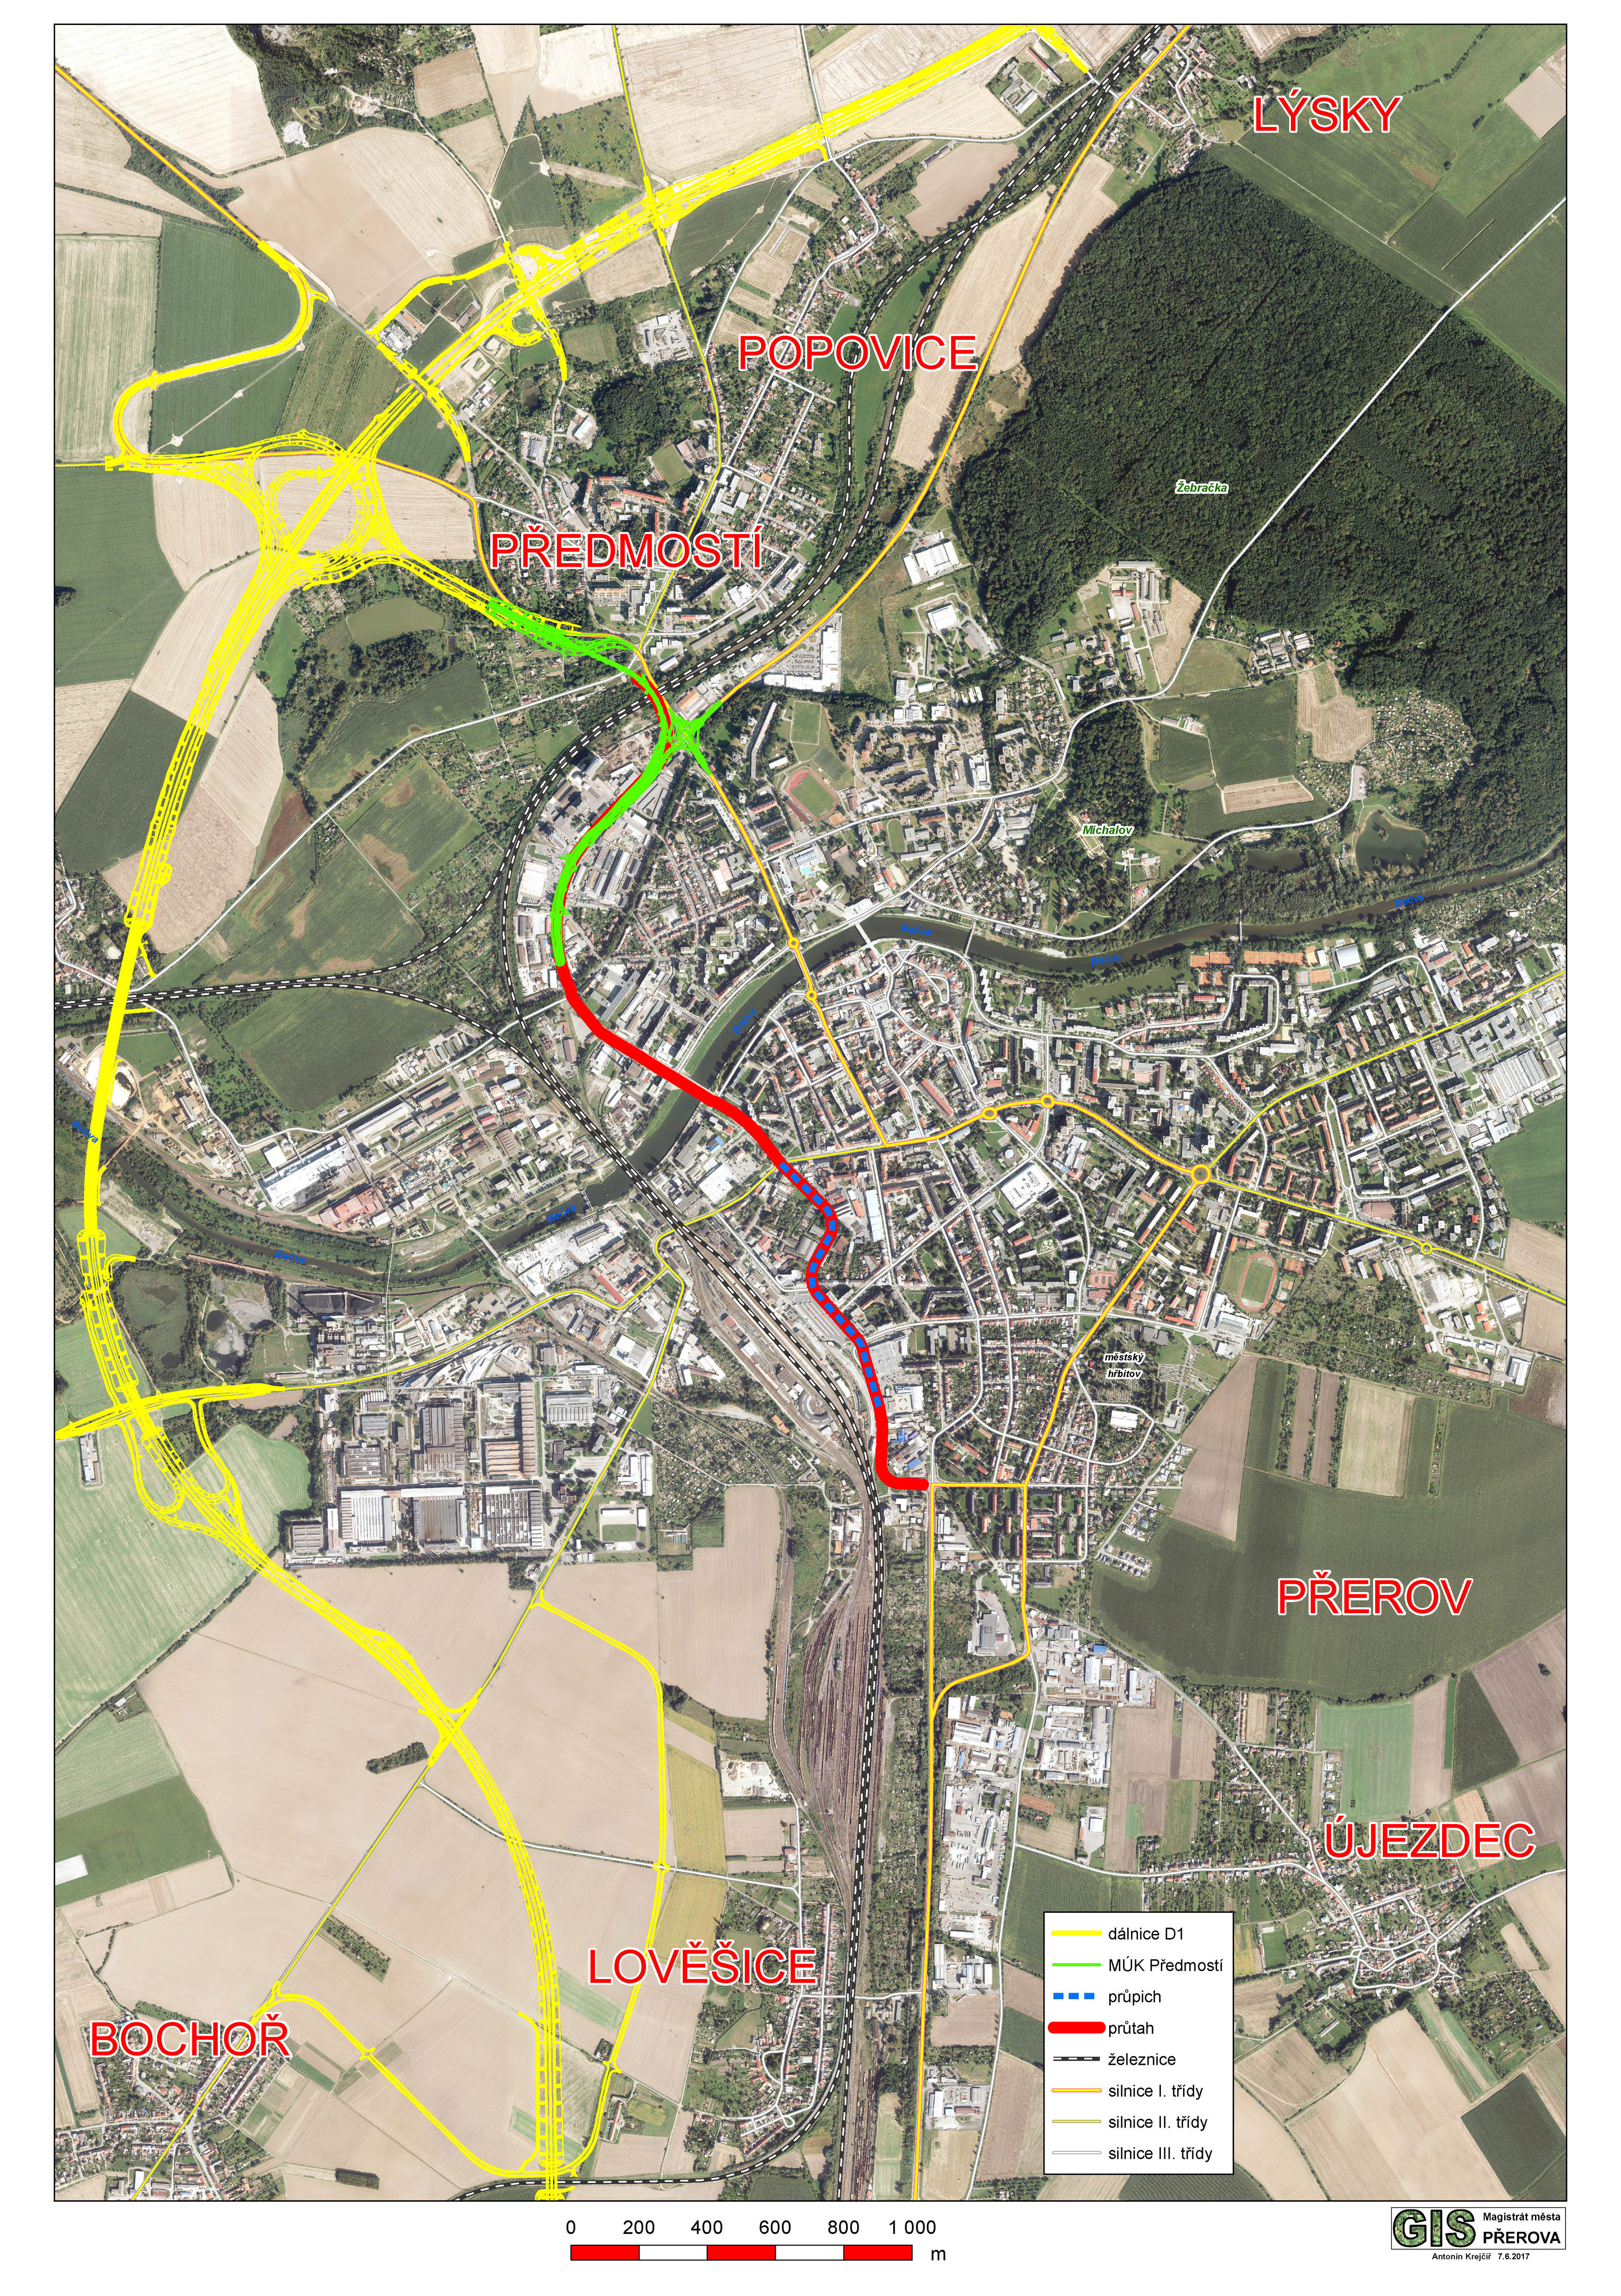 Dálnice, průtah a průpich na mapě